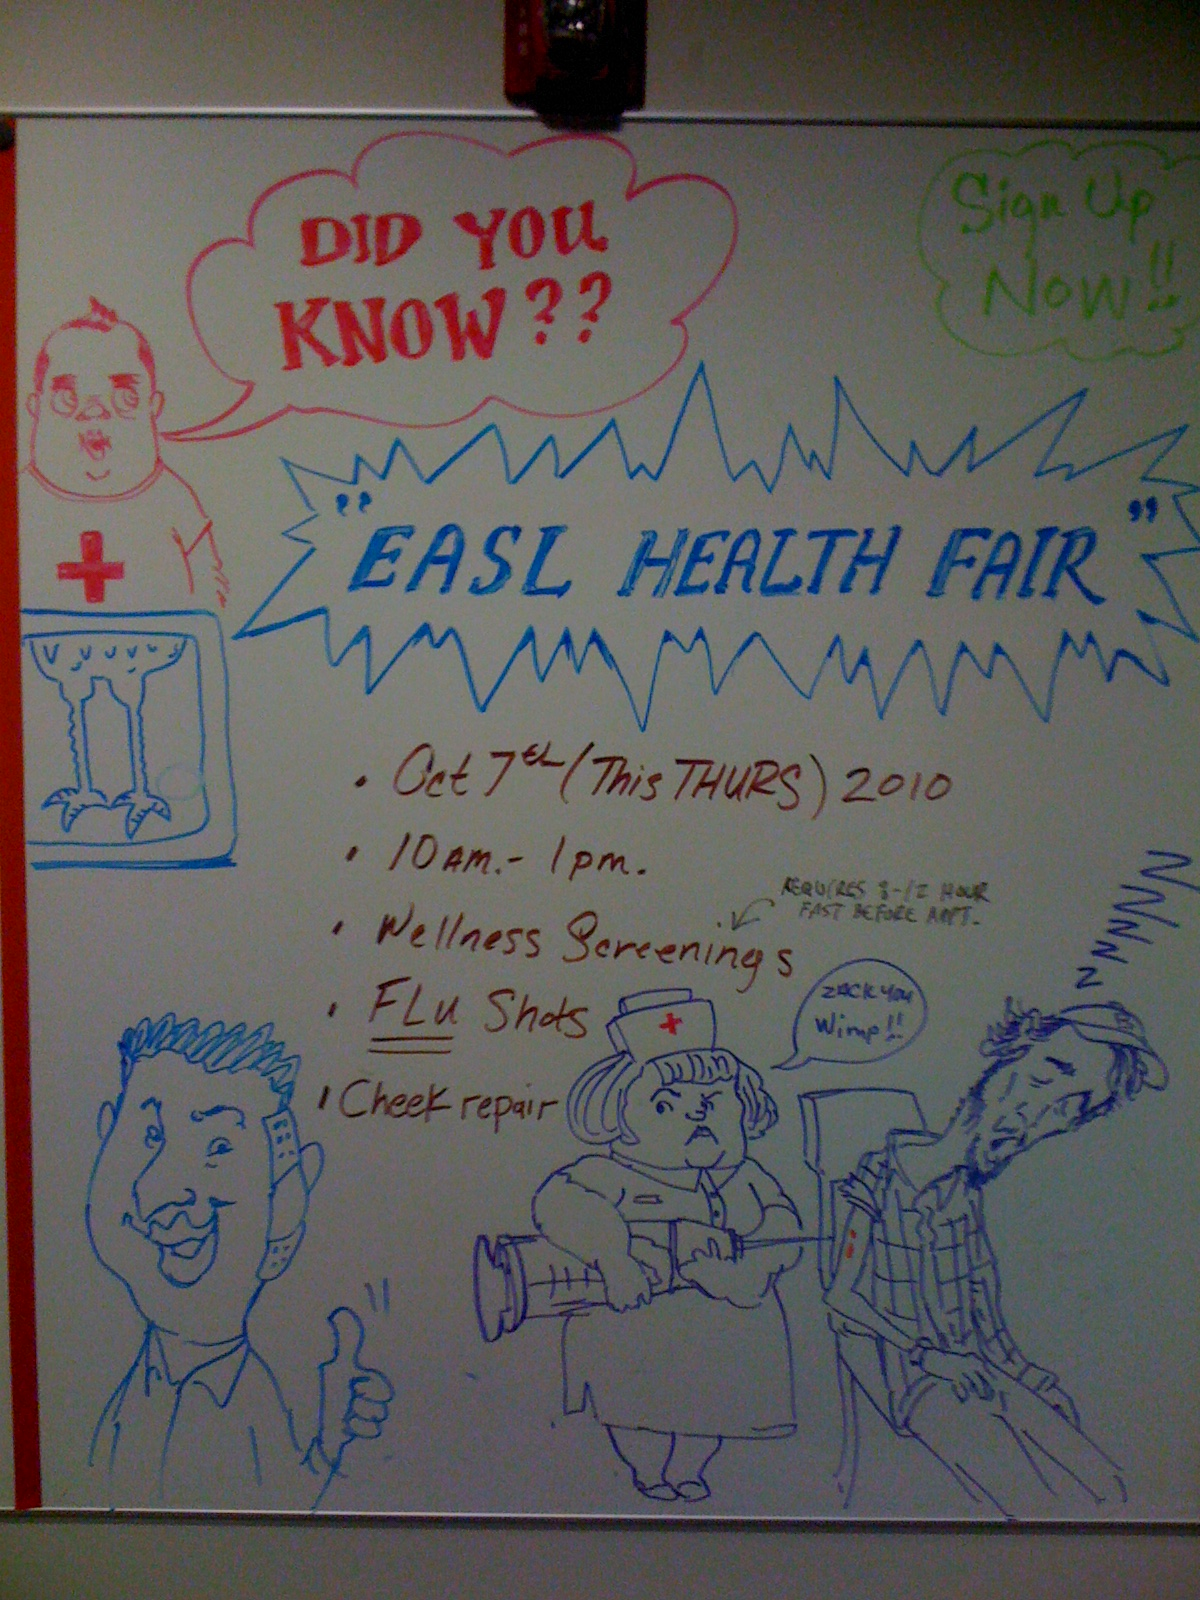 EASL Health Fair